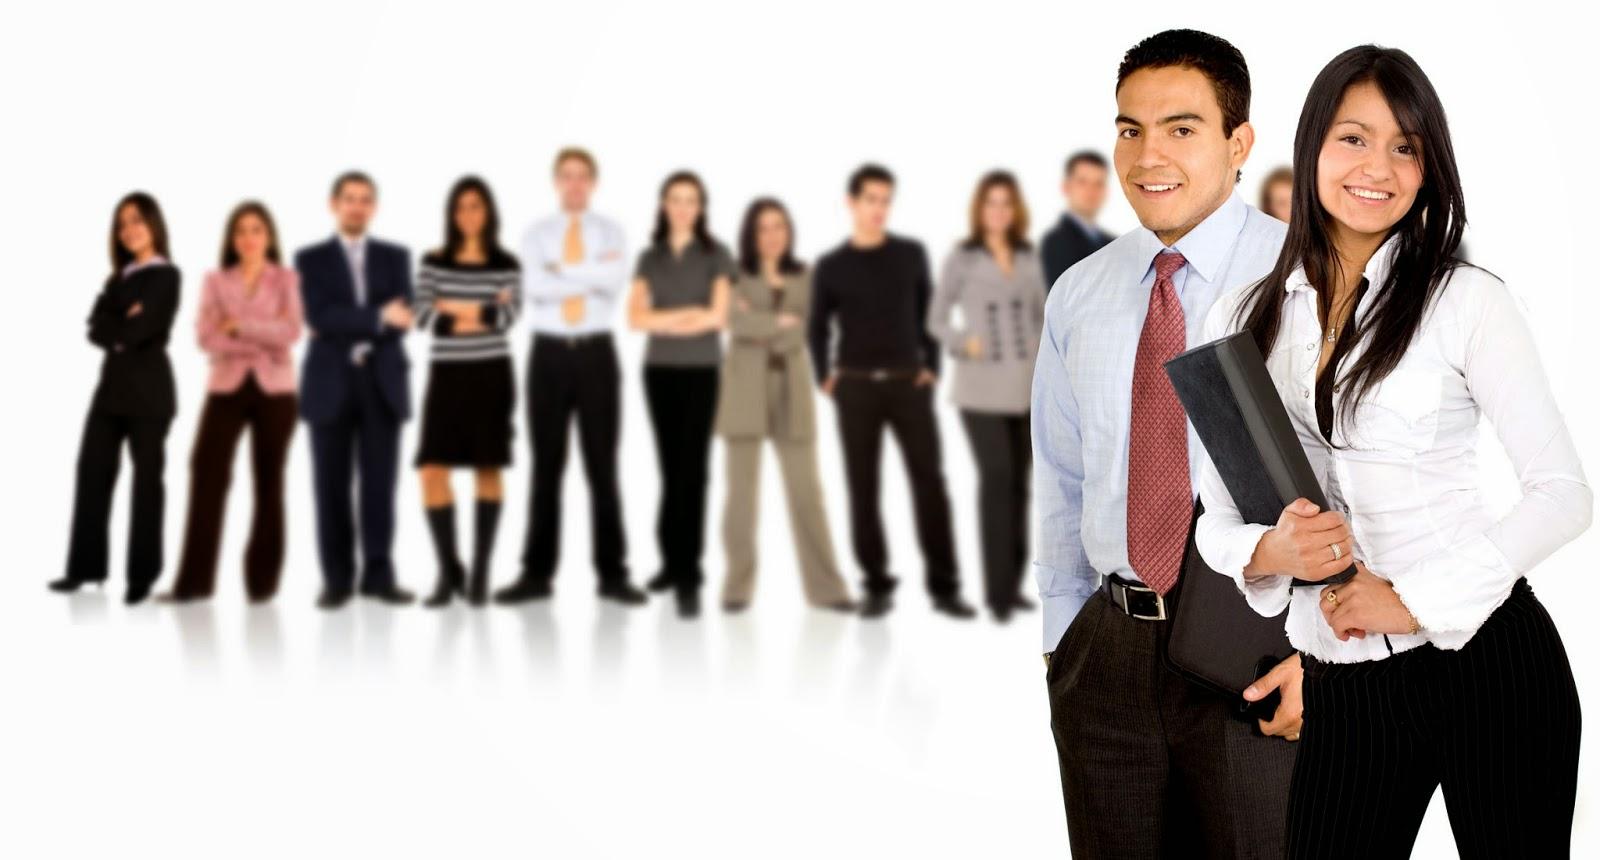 Penerimaan Mahasiswa Baru D3 S1 S2 Program Kelas Karyawan UNPAB Medan